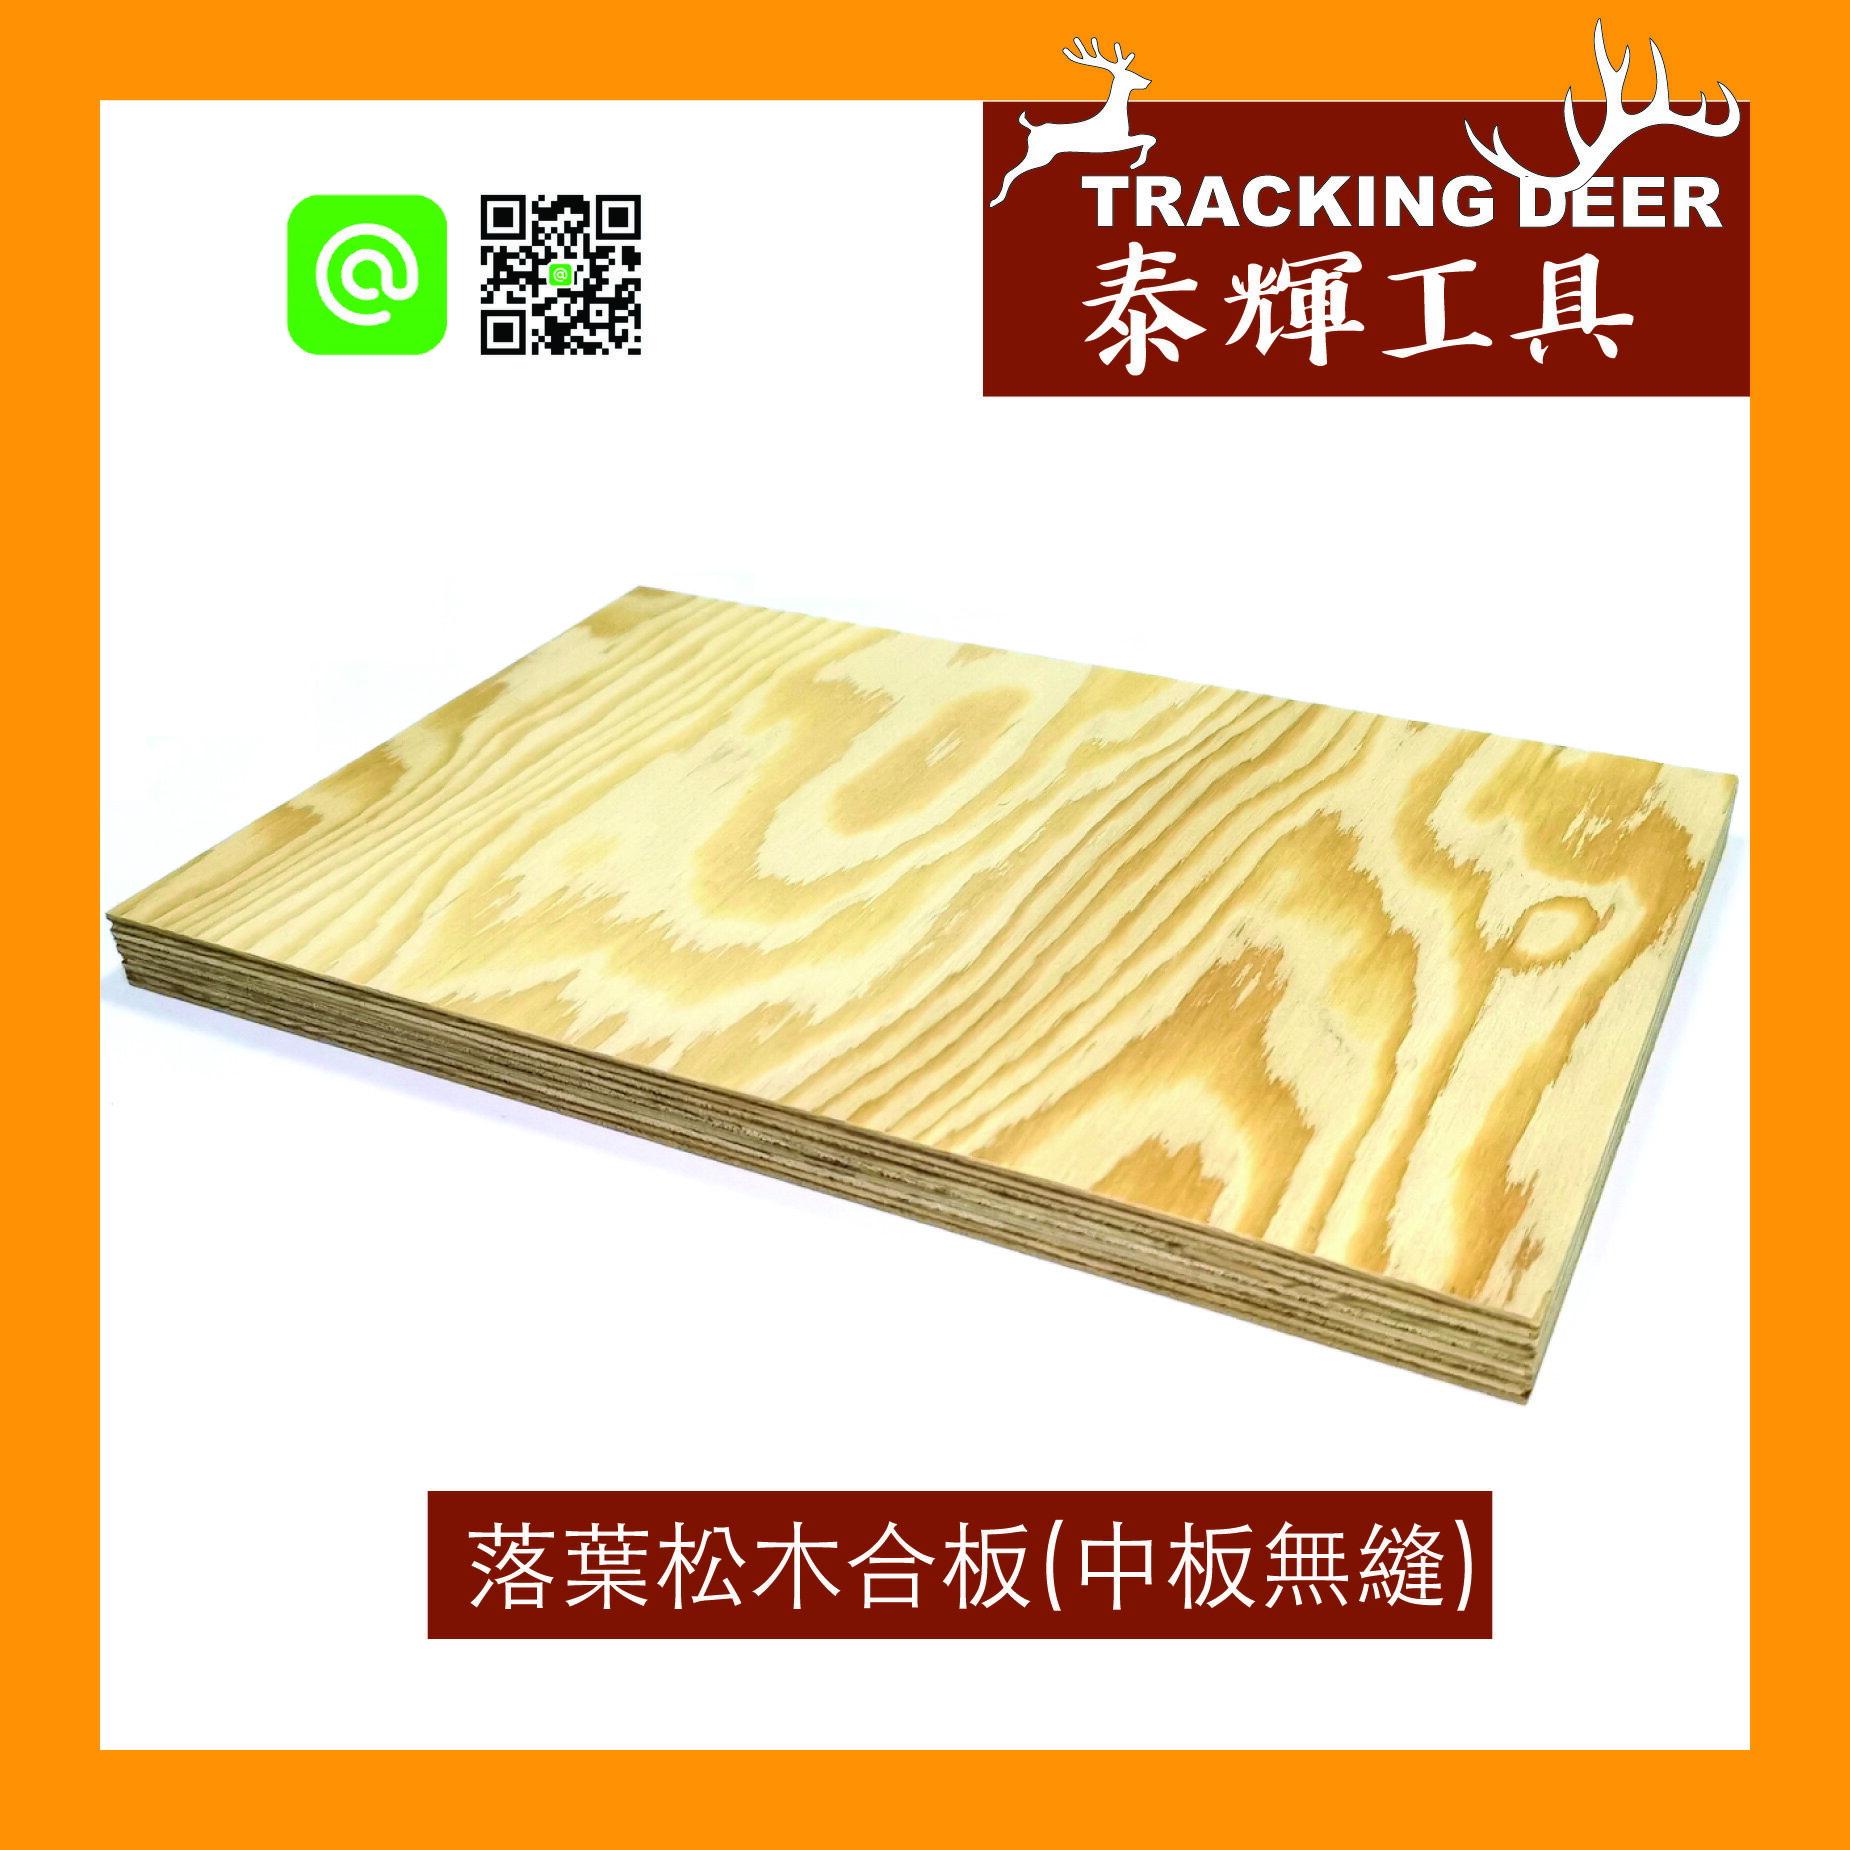 【落葉松木合板】木板 木材 DIY 藝 線鋸作品教材 製作彩繪 蝶古巴特木胚